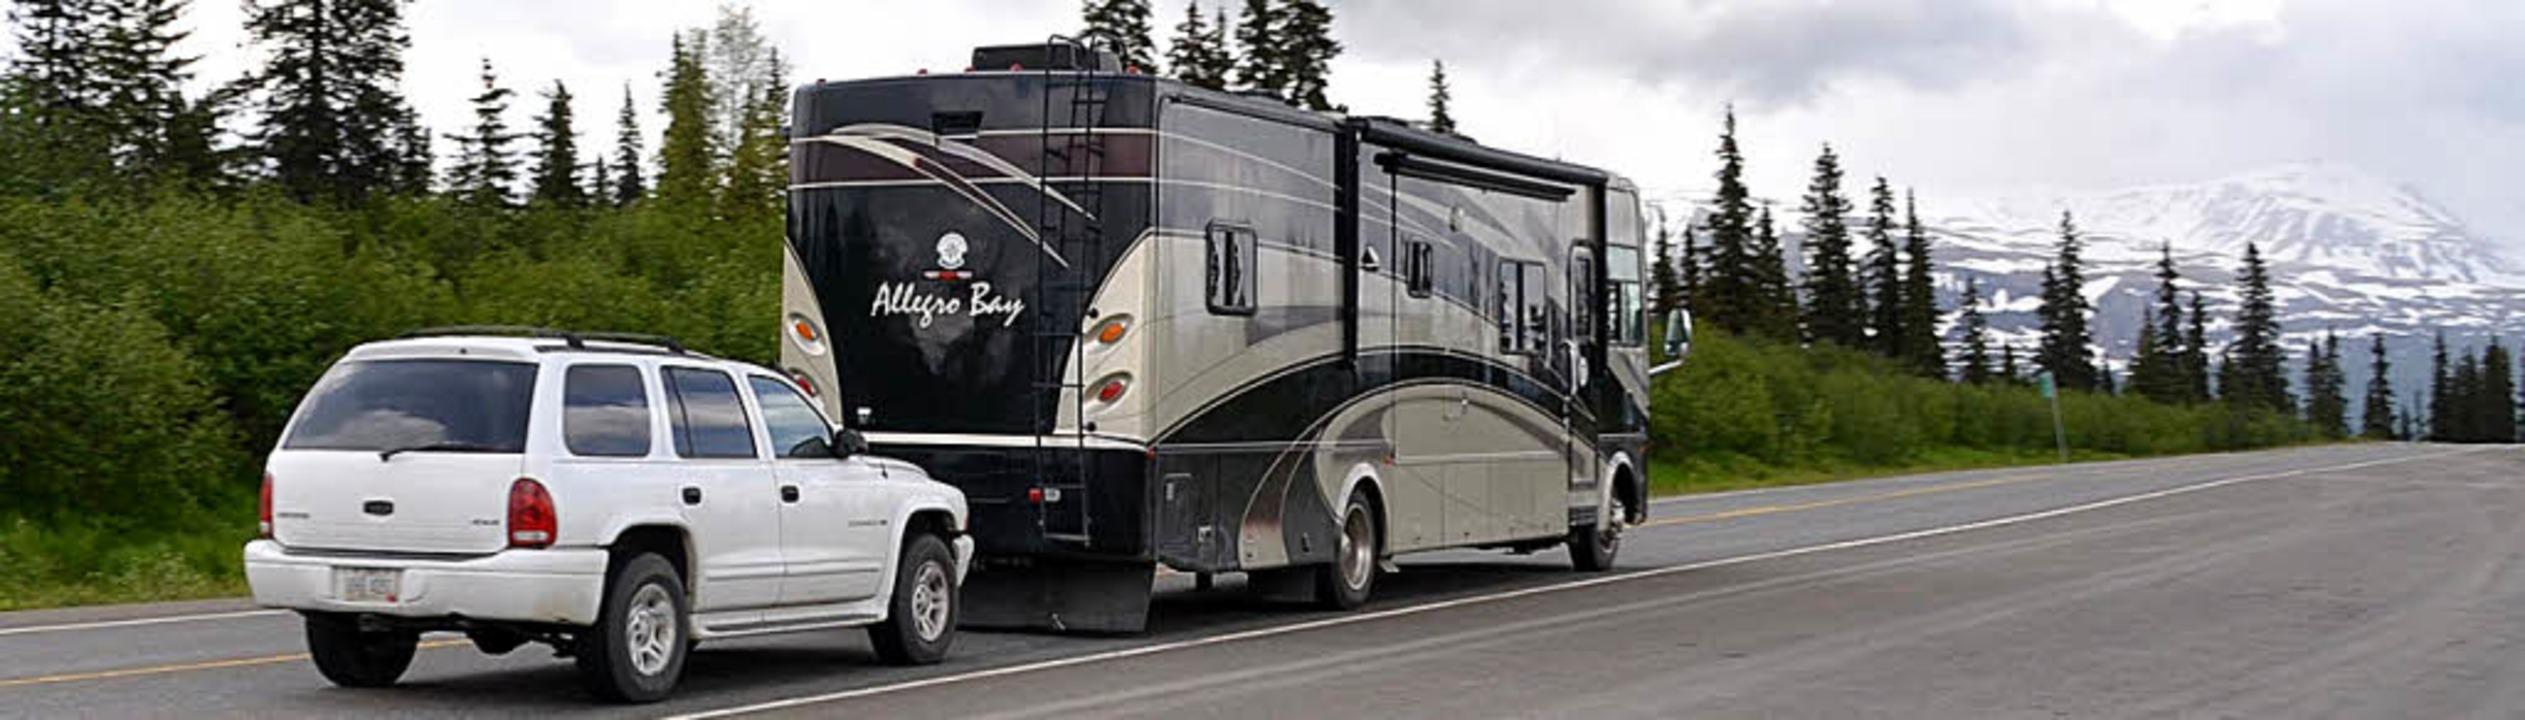 Durch die Weiten von Südalaska – mit Riesencamper plus Auto    | Foto: dpa